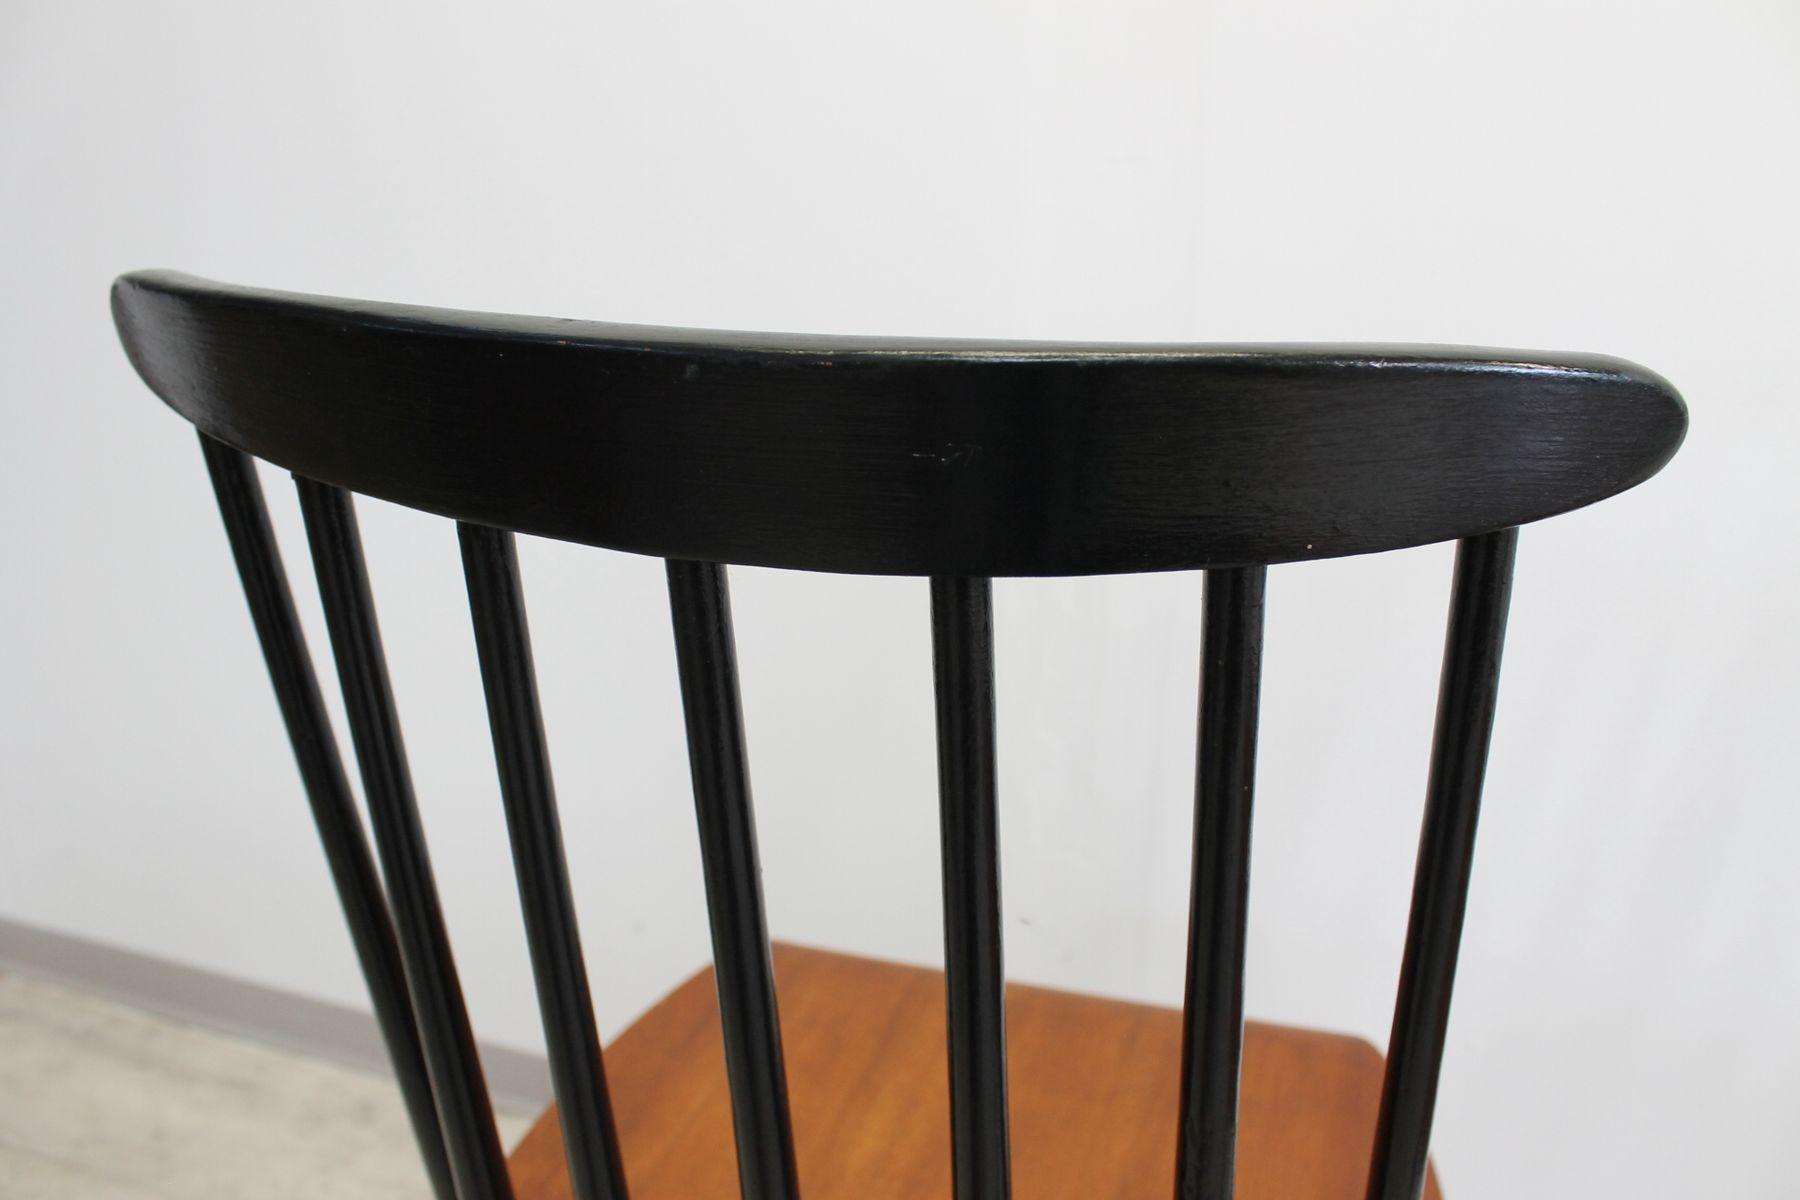 mid century esszimmerst hle aus holz von ilmari tapiovaara 4er set bei pamono kaufen. Black Bedroom Furniture Sets. Home Design Ideas